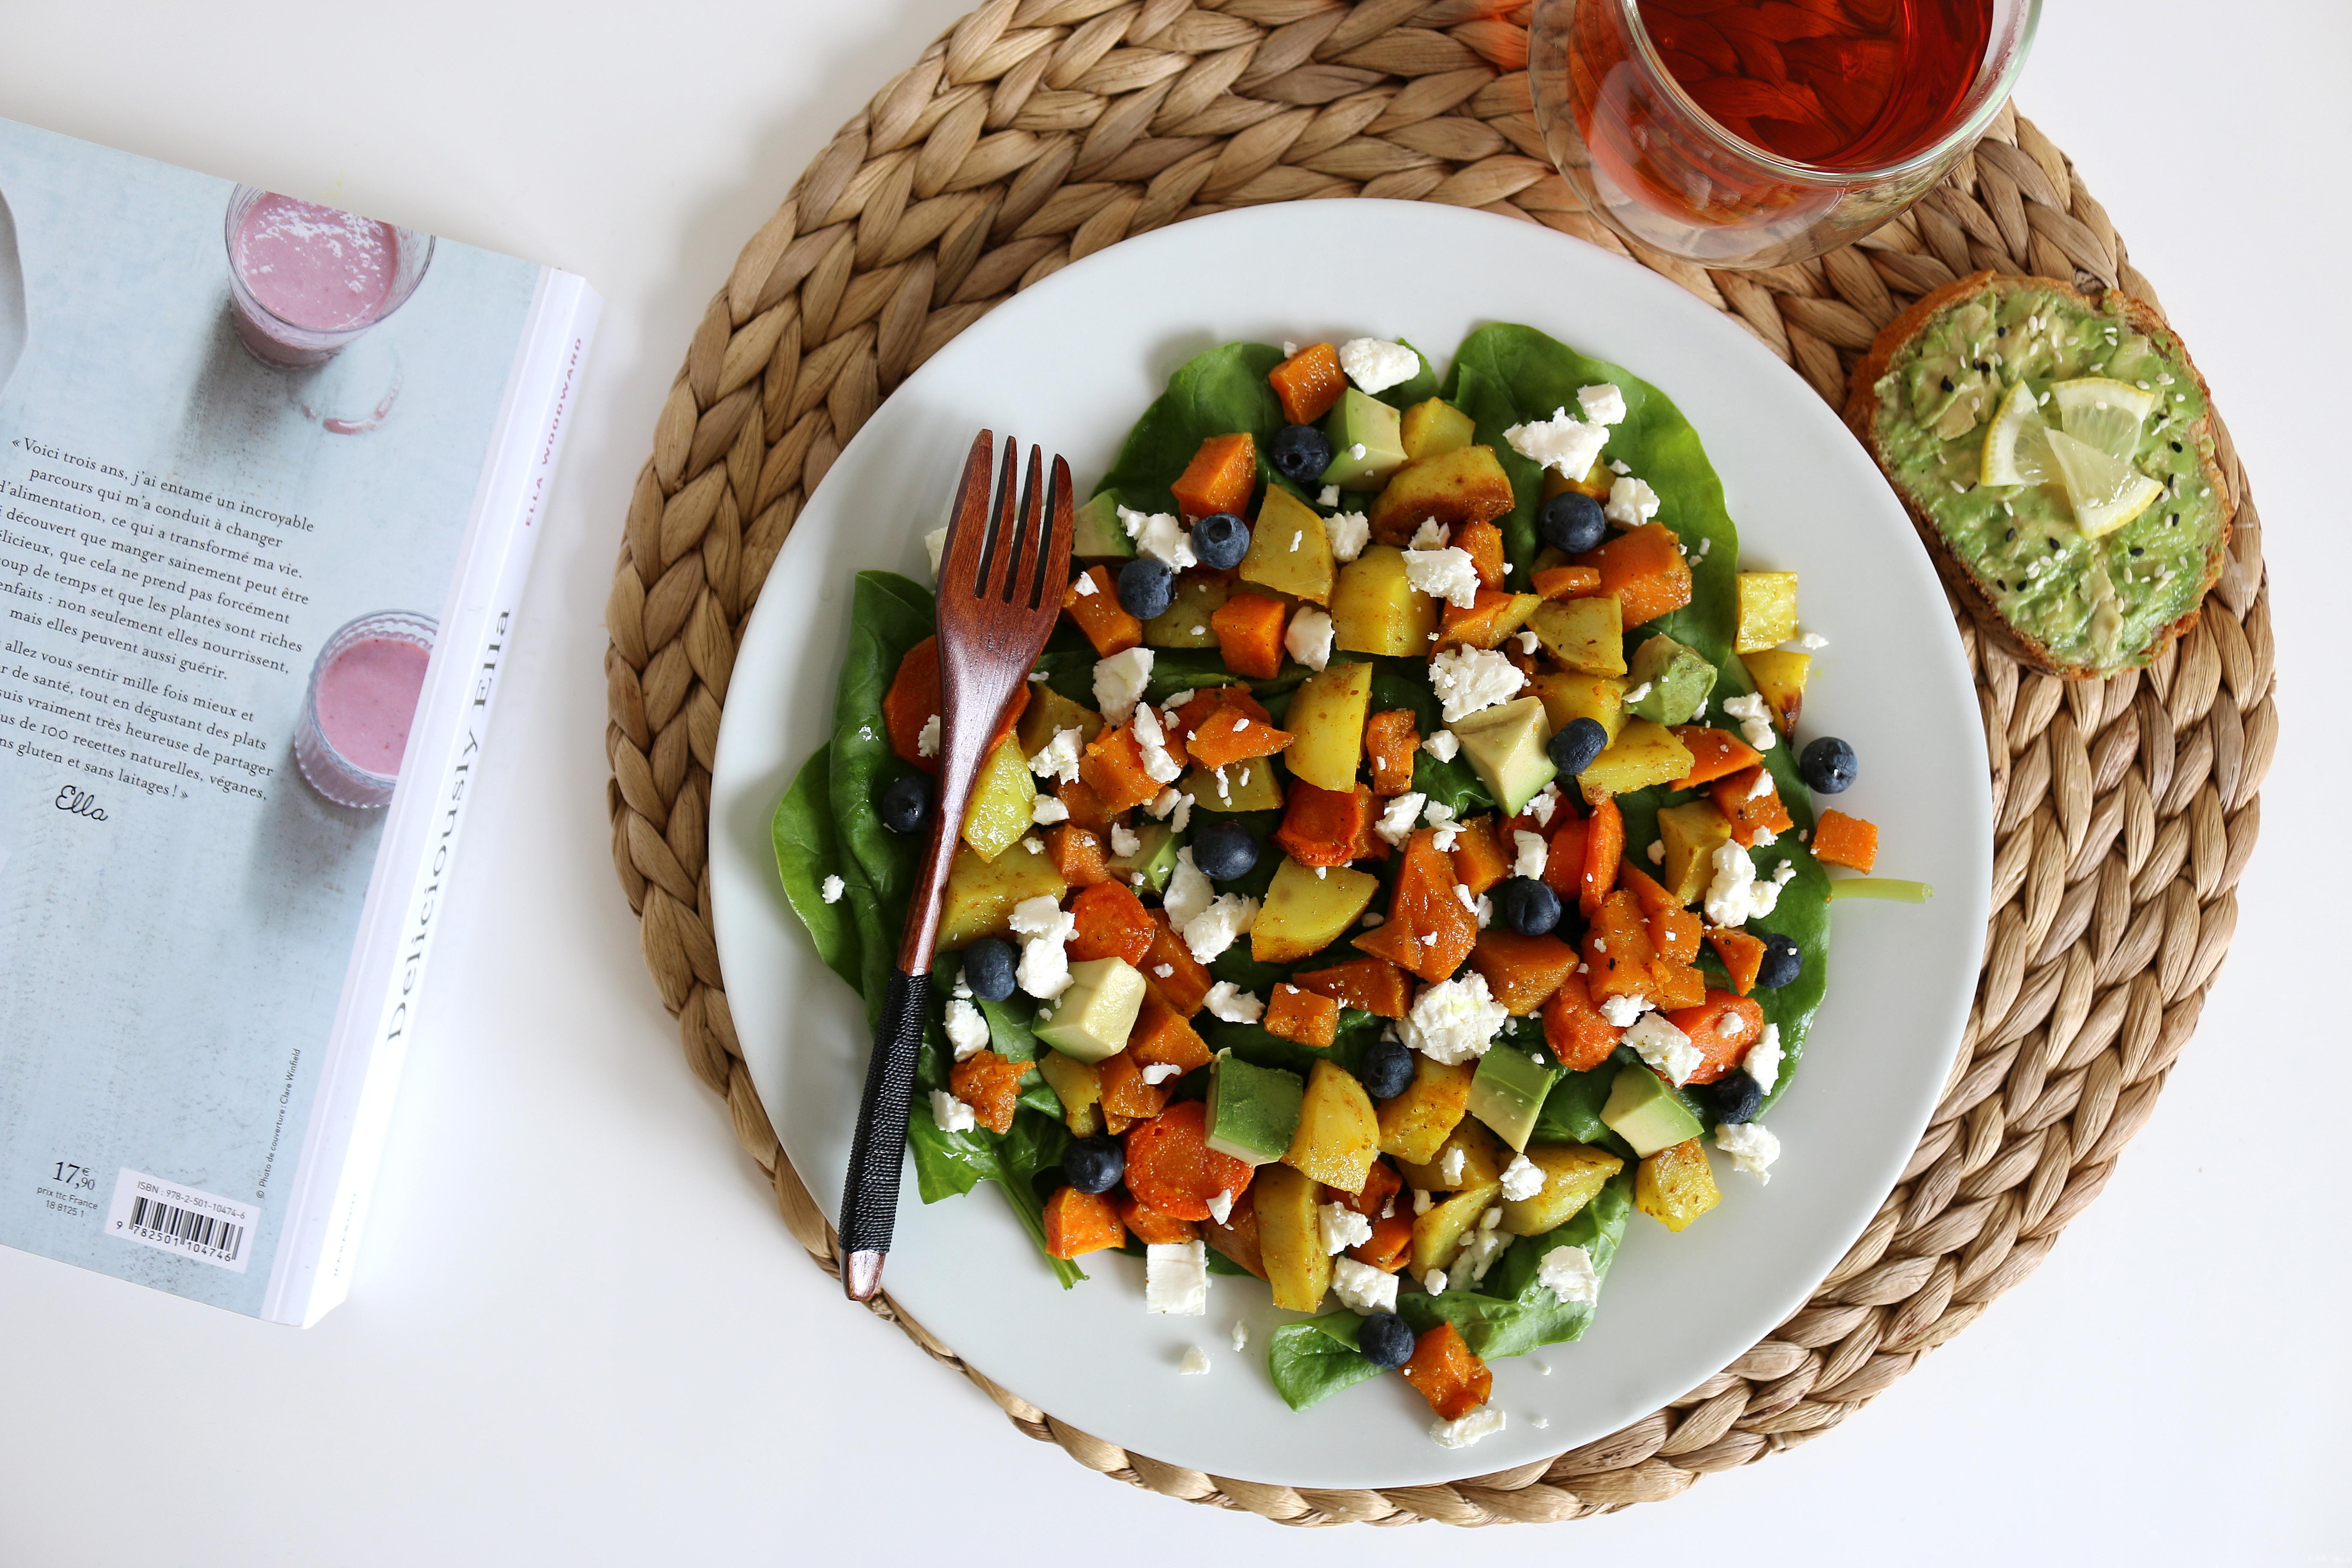 salade patates douces myrtilles